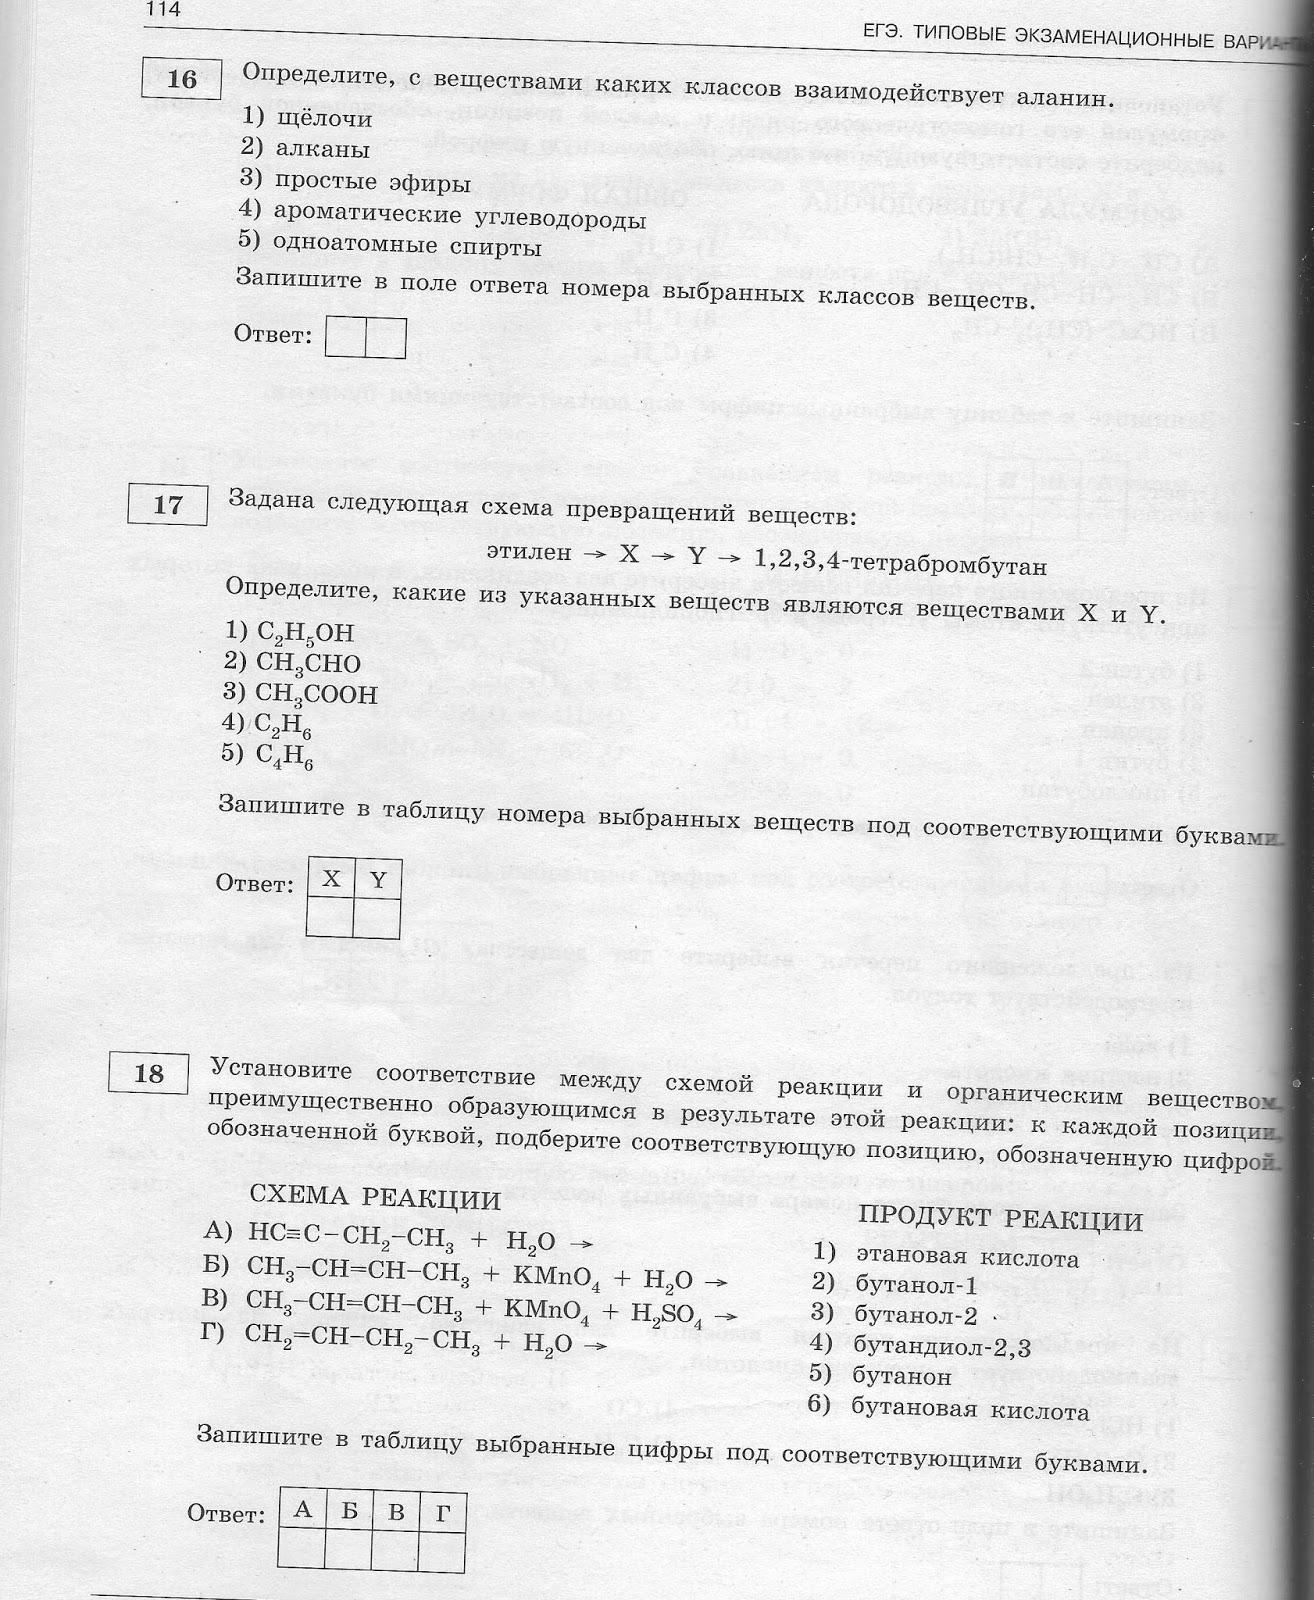 Ответы на вопросы по химии 60вопросов за 2018 11 класс